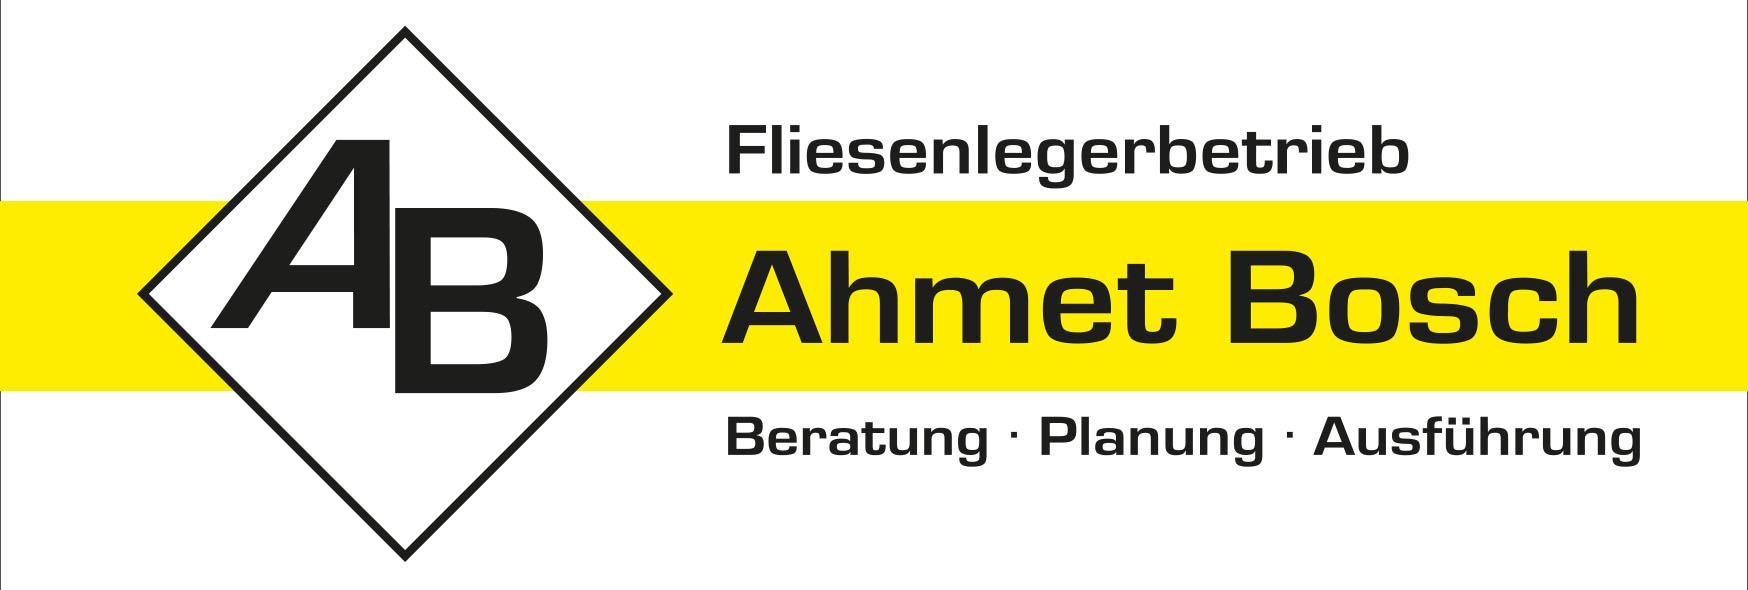 Profil von Ahmet Bosch Fliesenlegerfachbetrieb aus Schwaigern-Massenbach